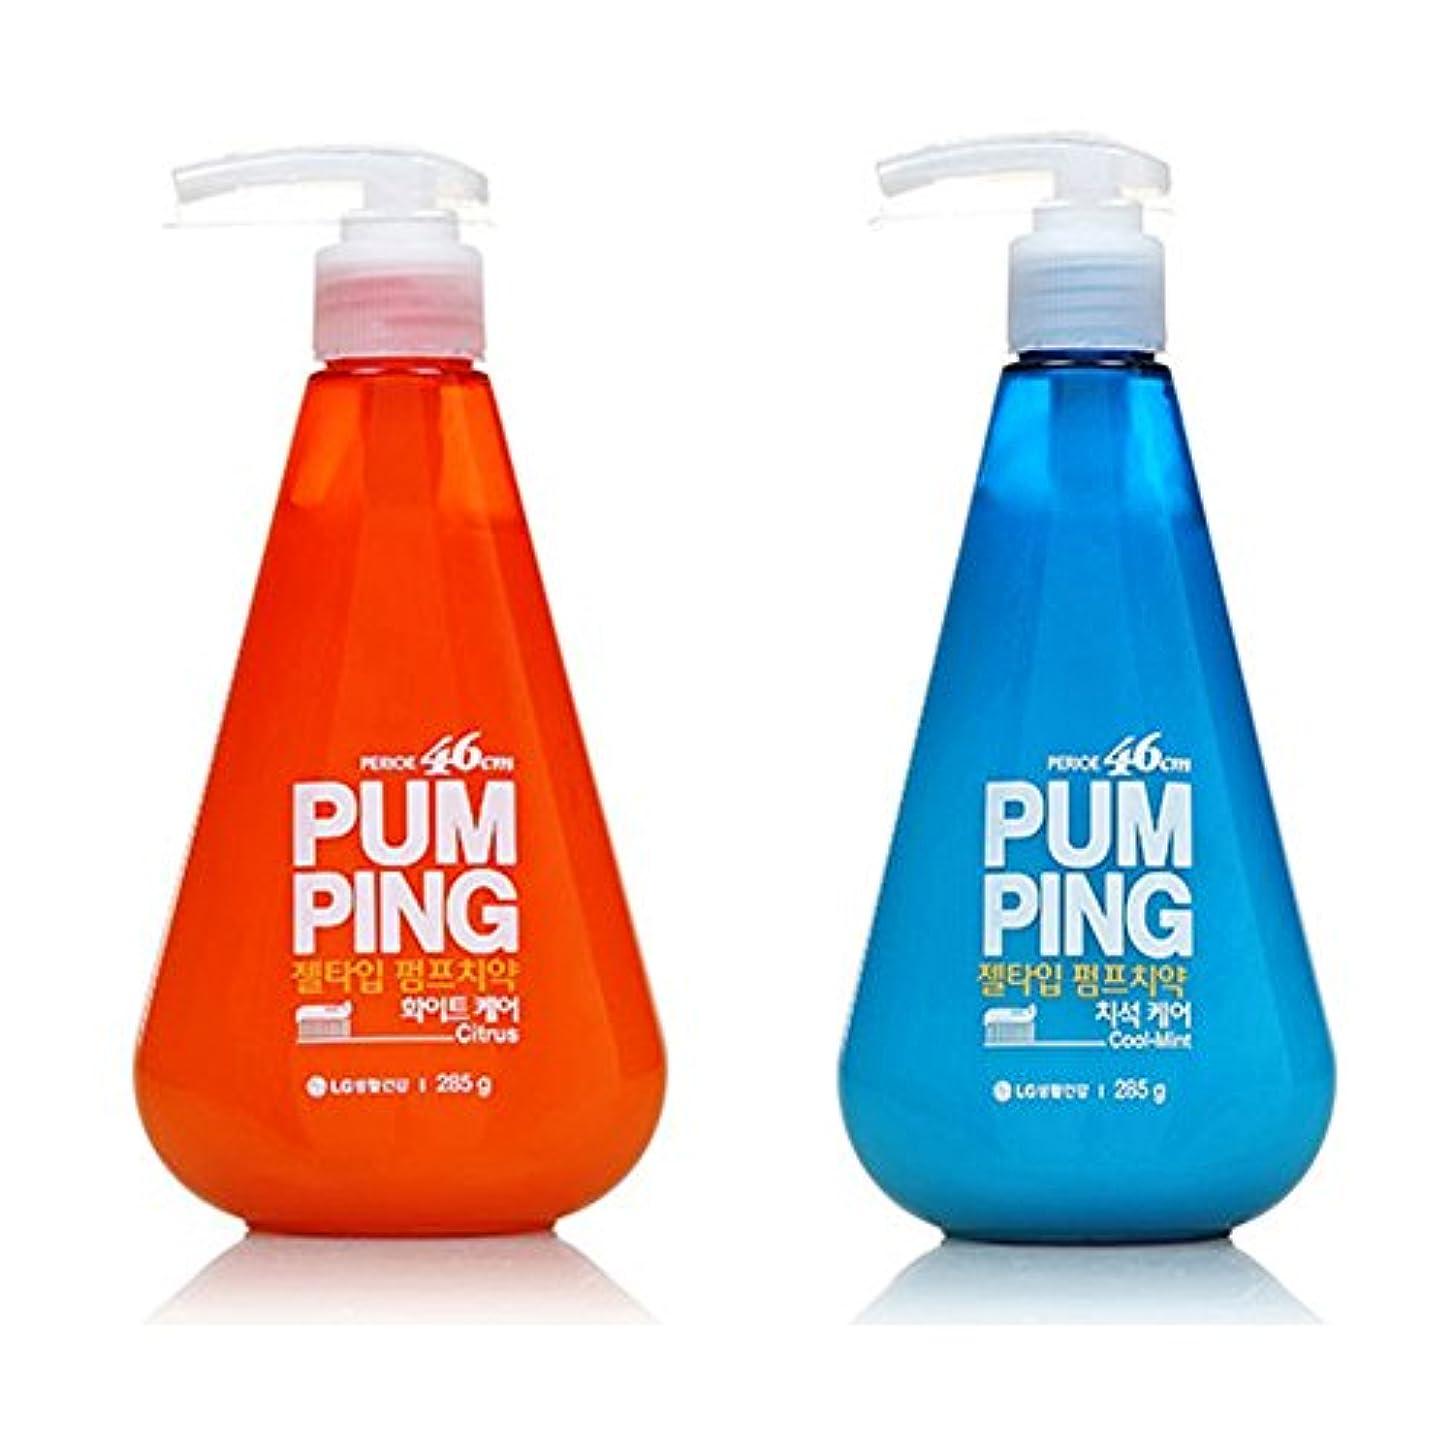 一般たっぷりアラブ(ぺリオ) PERIO ソンジュンギ 歯磨き粉 ポンピング大容量 285g*2個 (シトラス+クールミント) [並行輸入品]